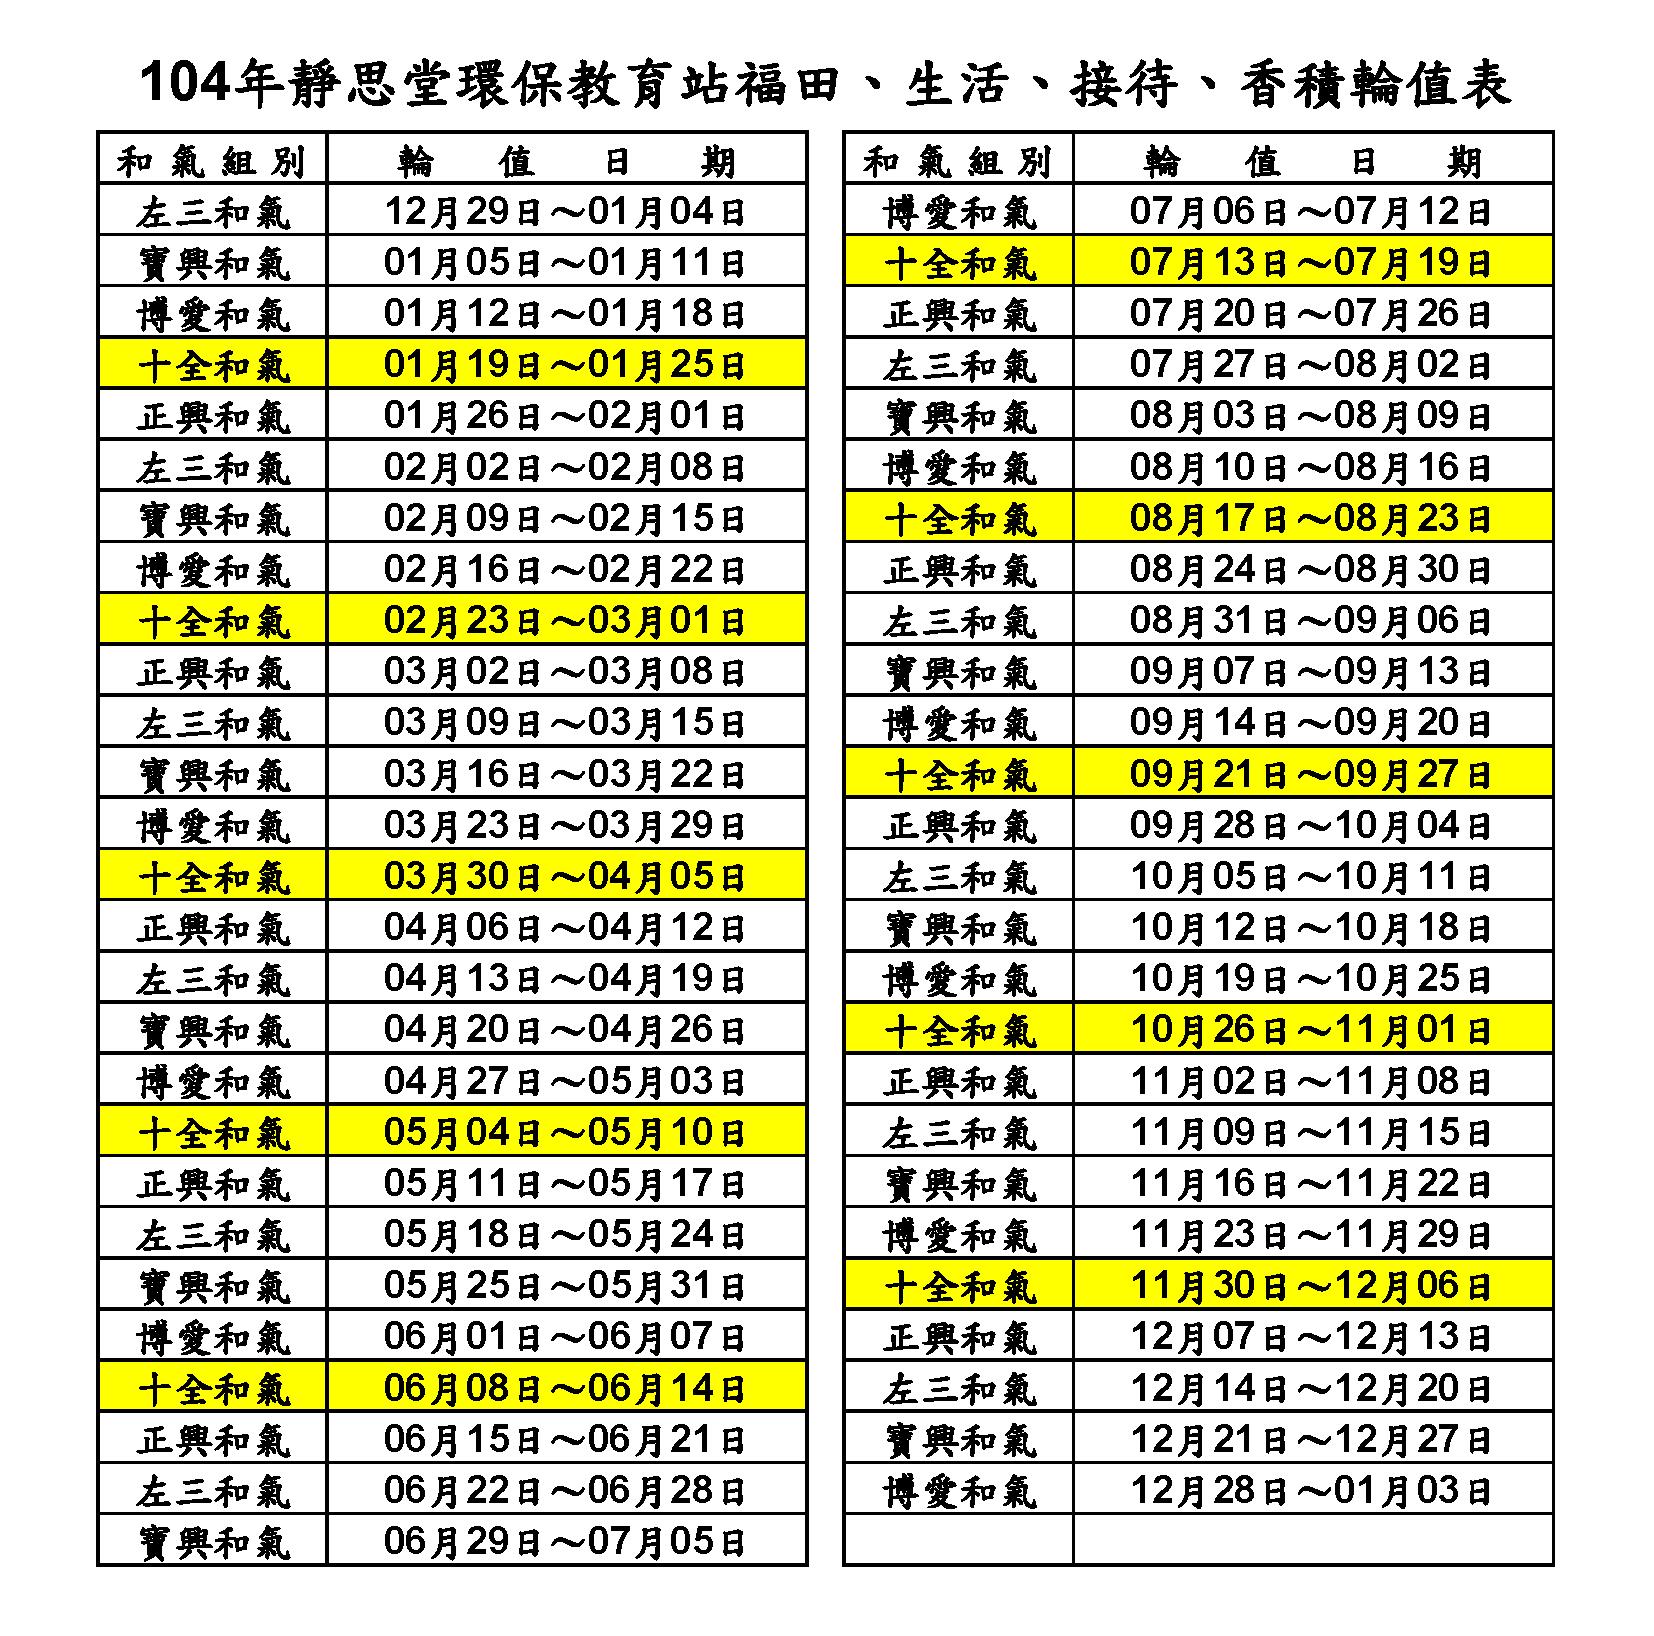 104年靜思堂環保教育站福田、生活、接待、香積輪值表.png